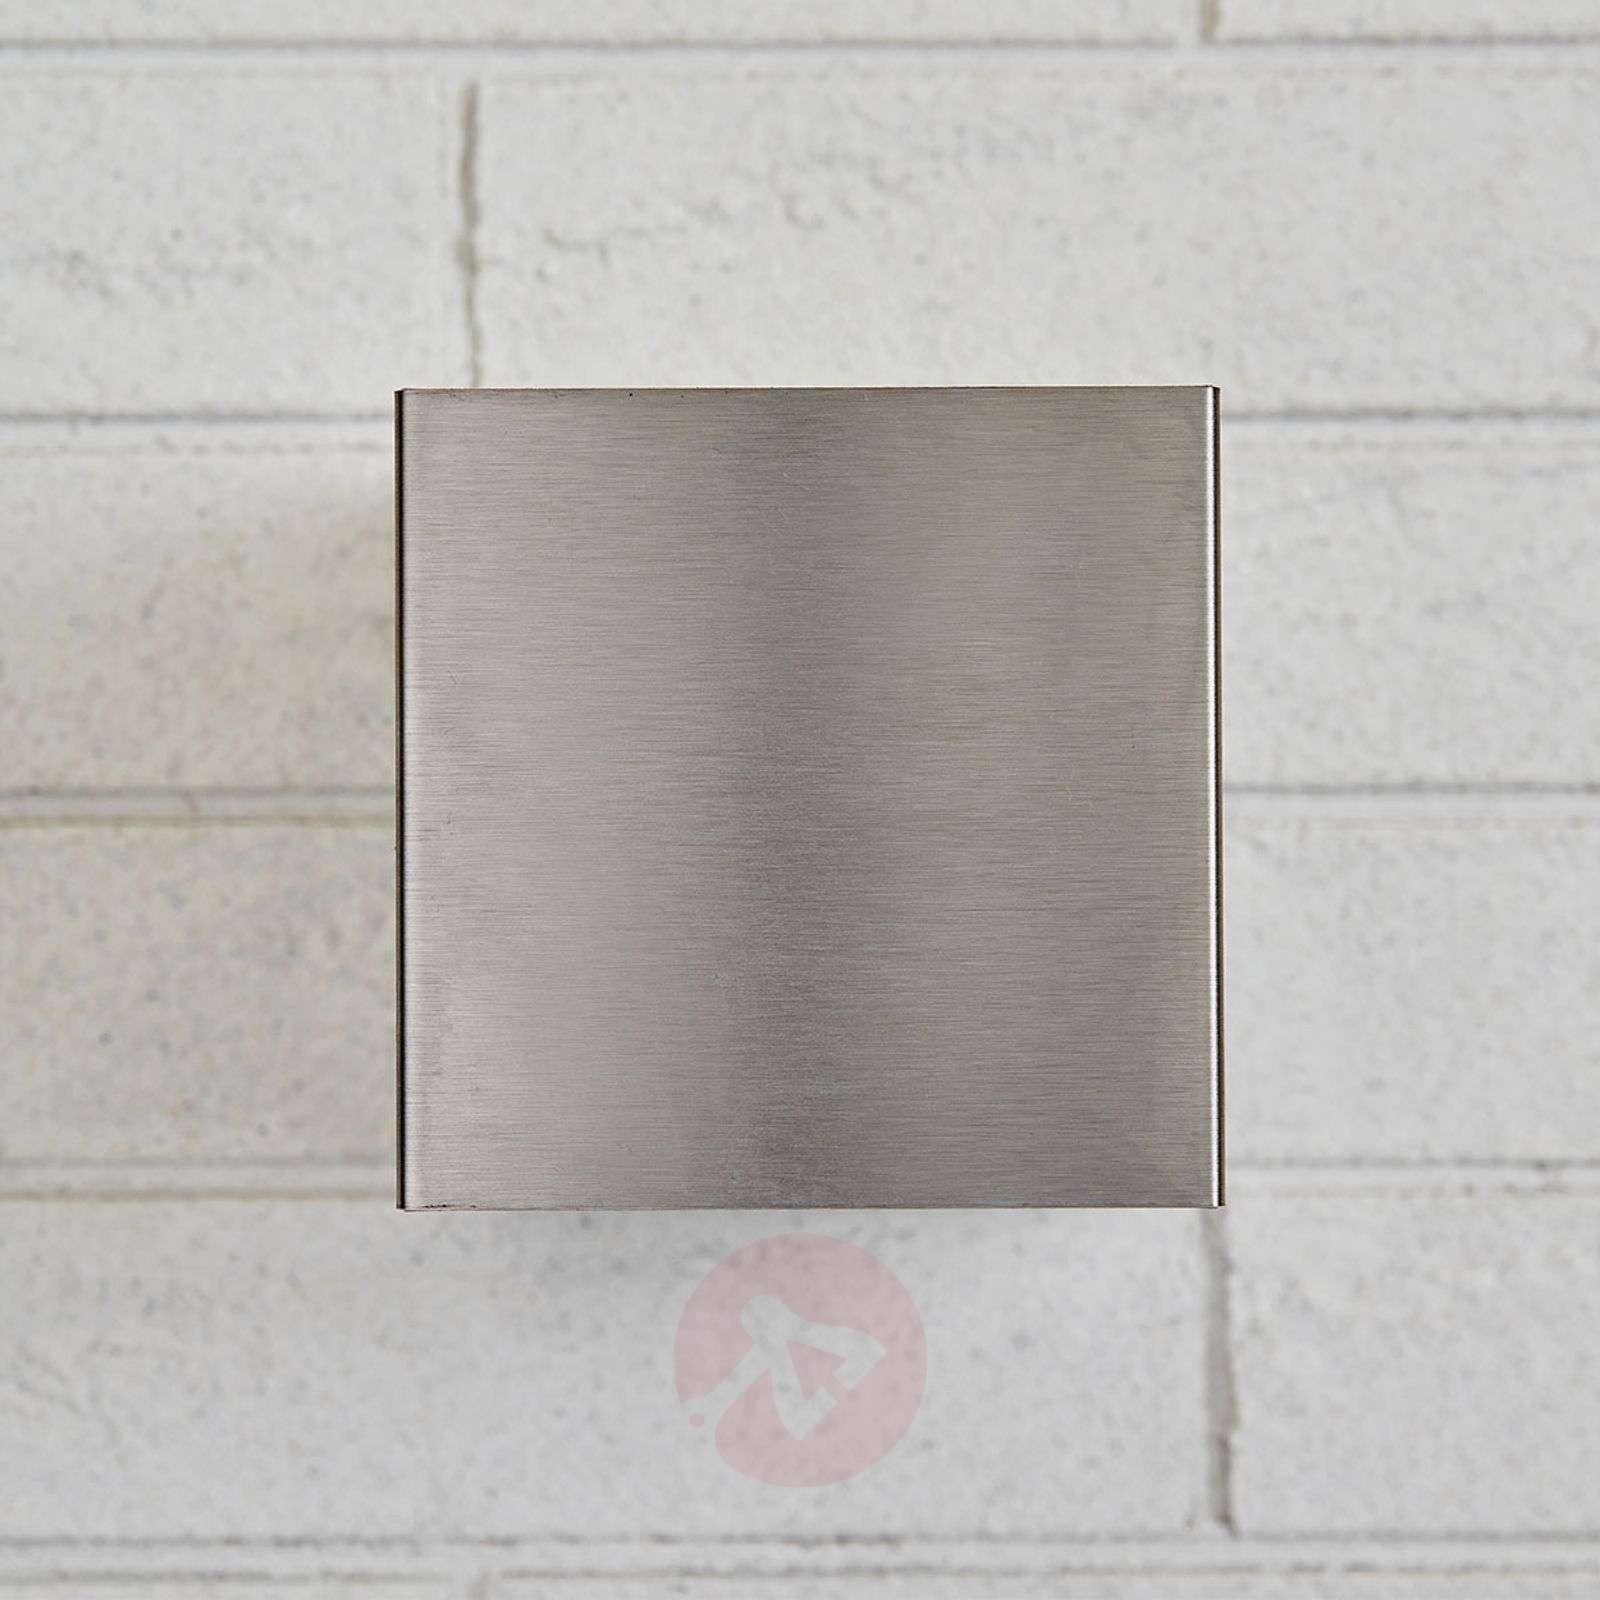 Angessa-LED-seinäkohdevalo valaisu leveä-leveä-4000378-01